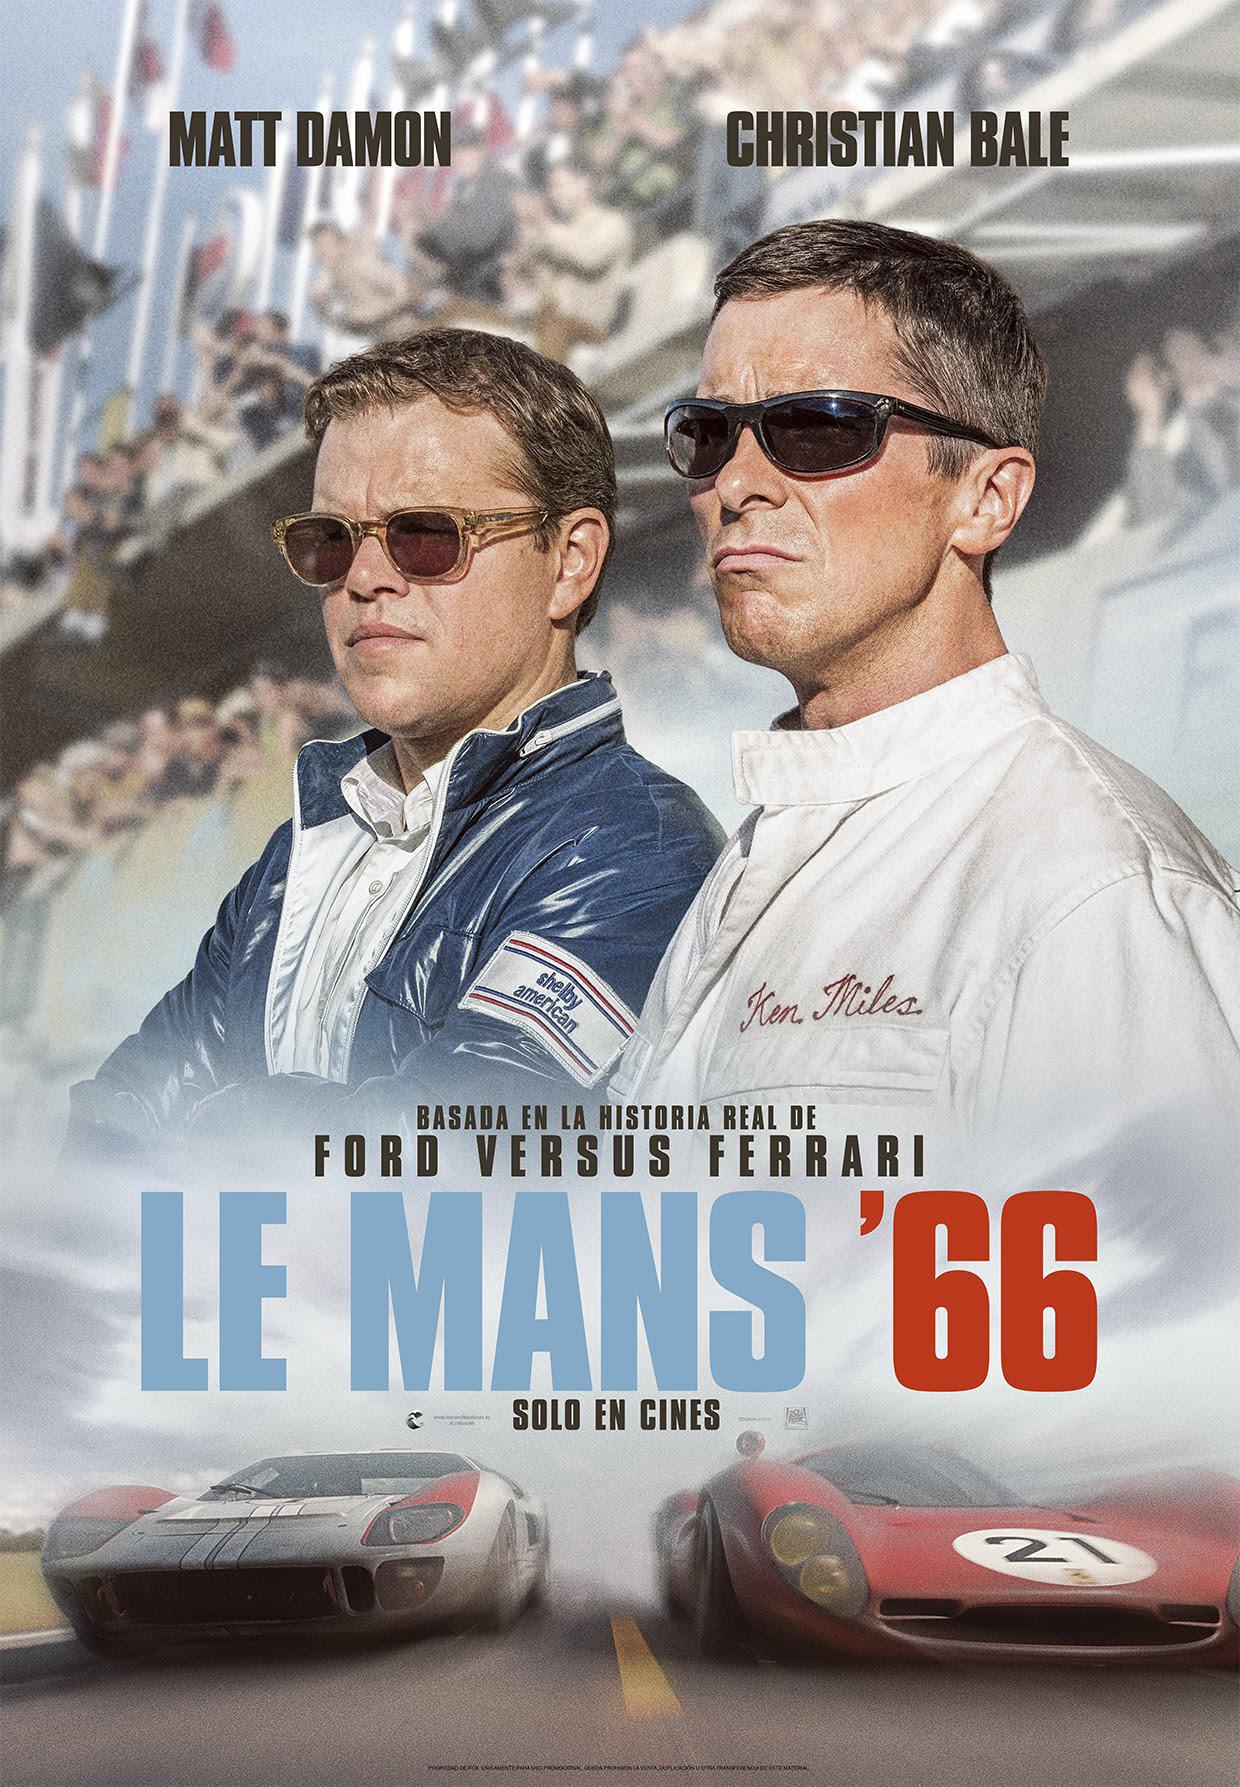 LE MANS 66 / Fuente: Walt Disney Company.